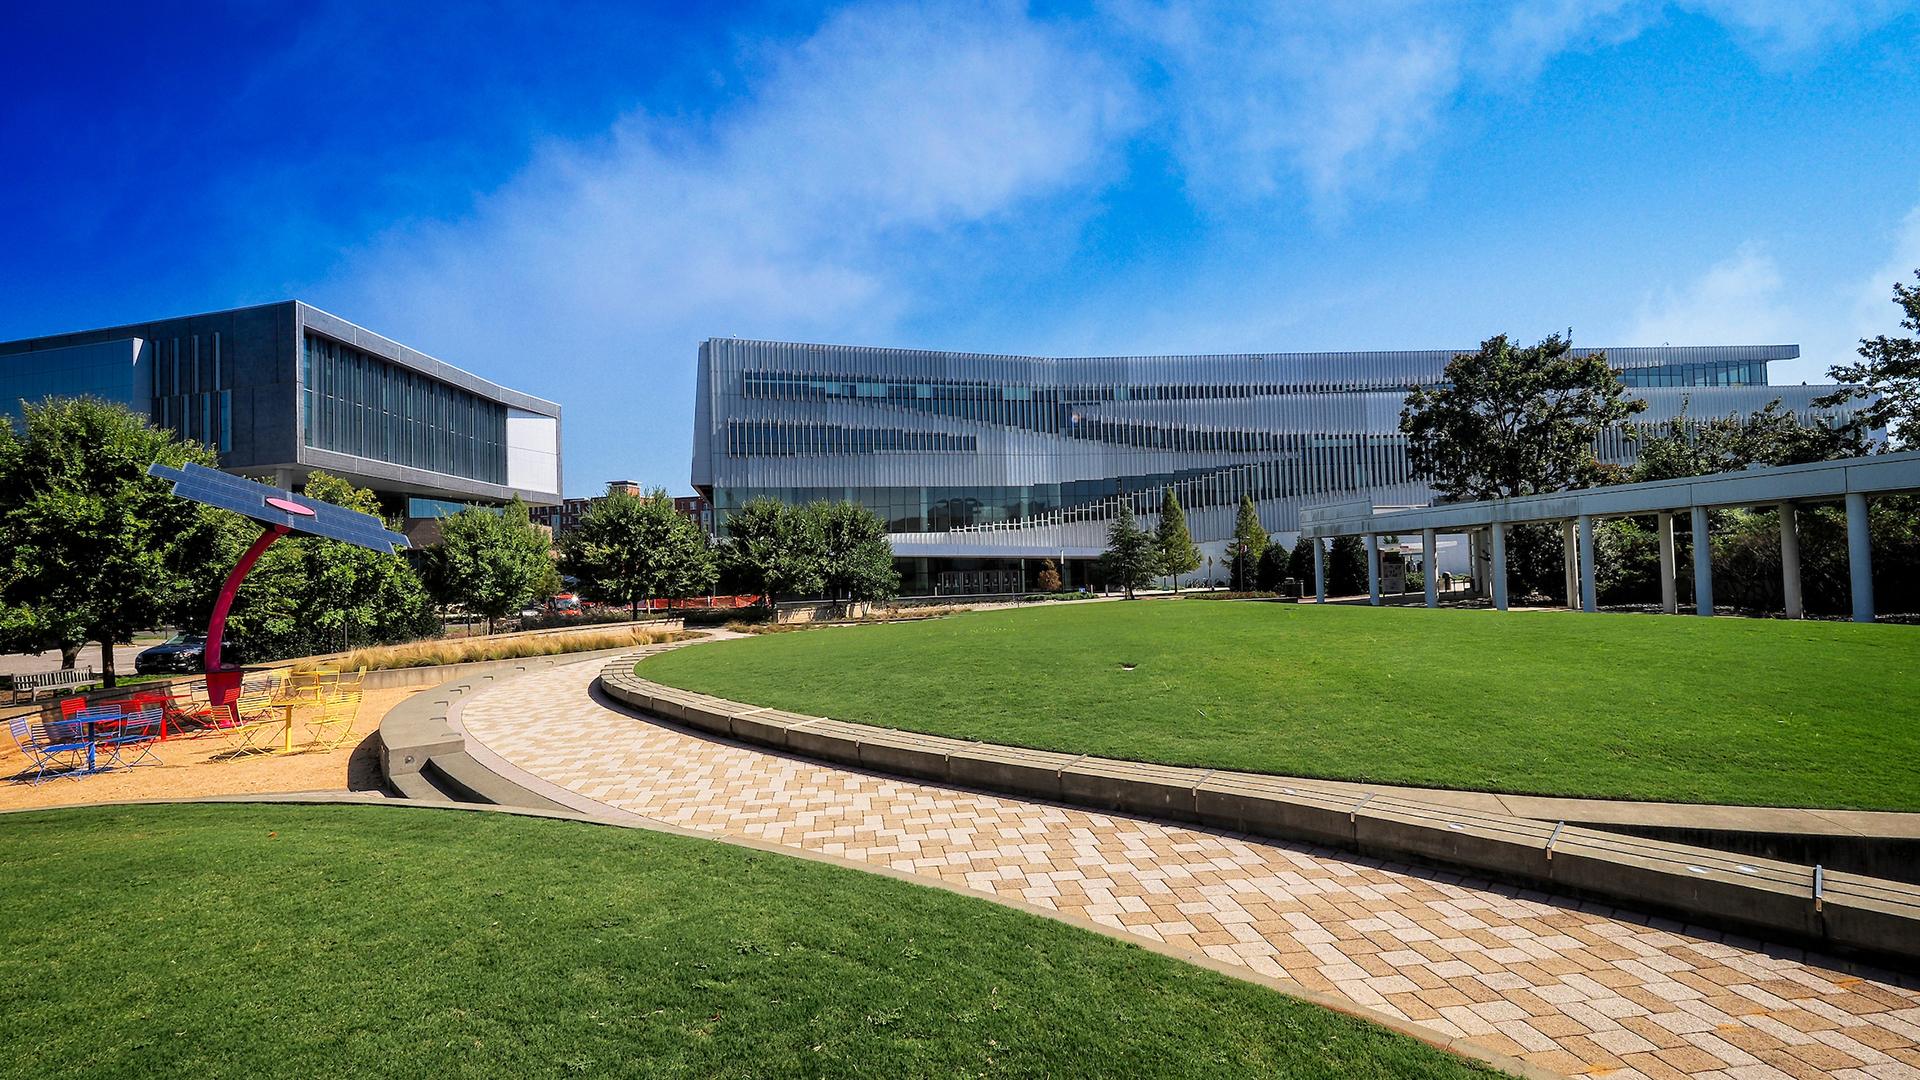 centennial campus zoom background